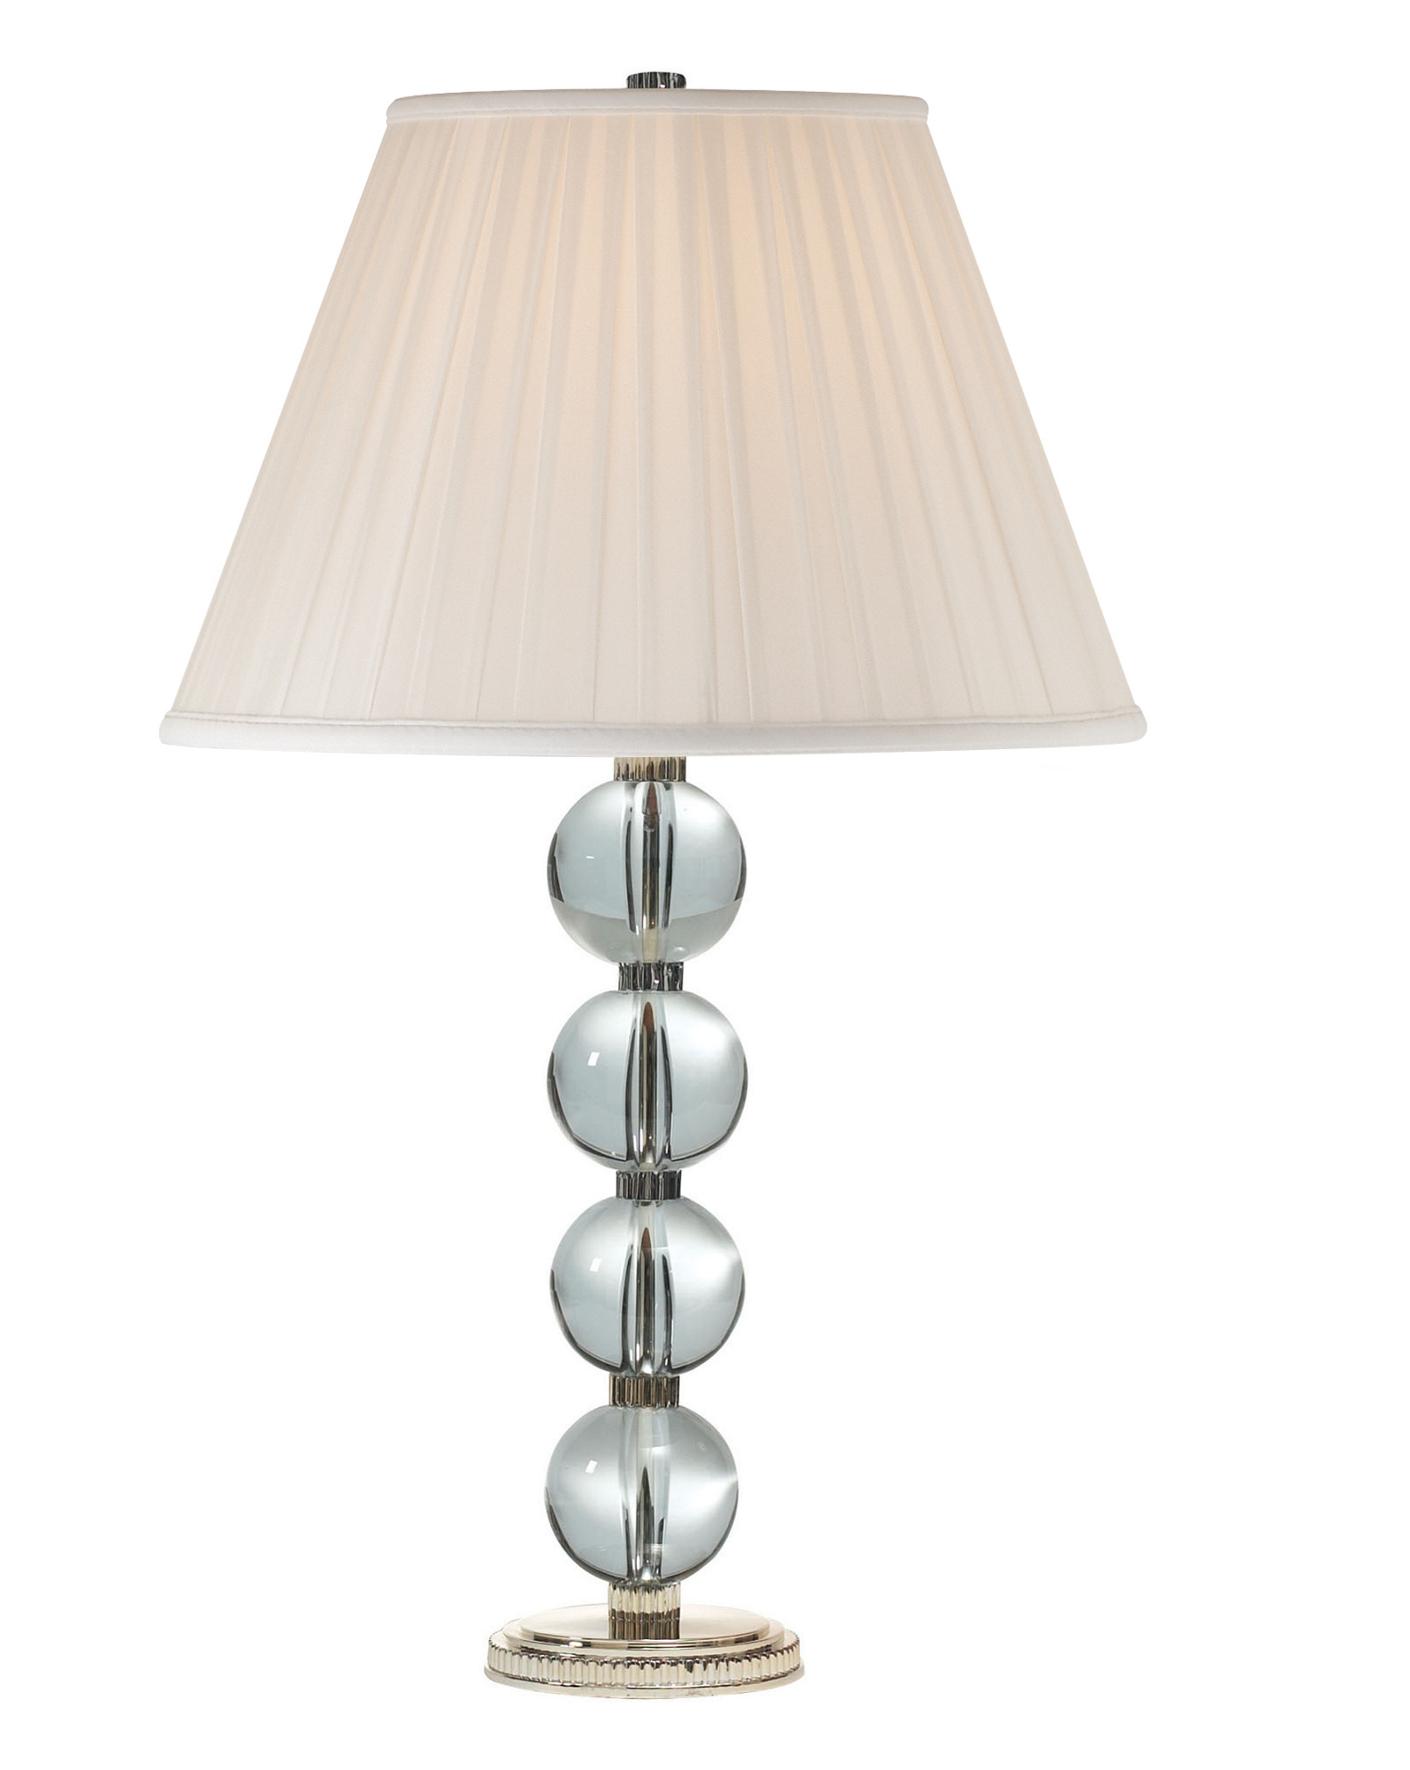 lighting floor lamps table lamps  more  ralph lauren - stacked glass ball table lamp  ralph lauren home table lamps  ralphlauren com